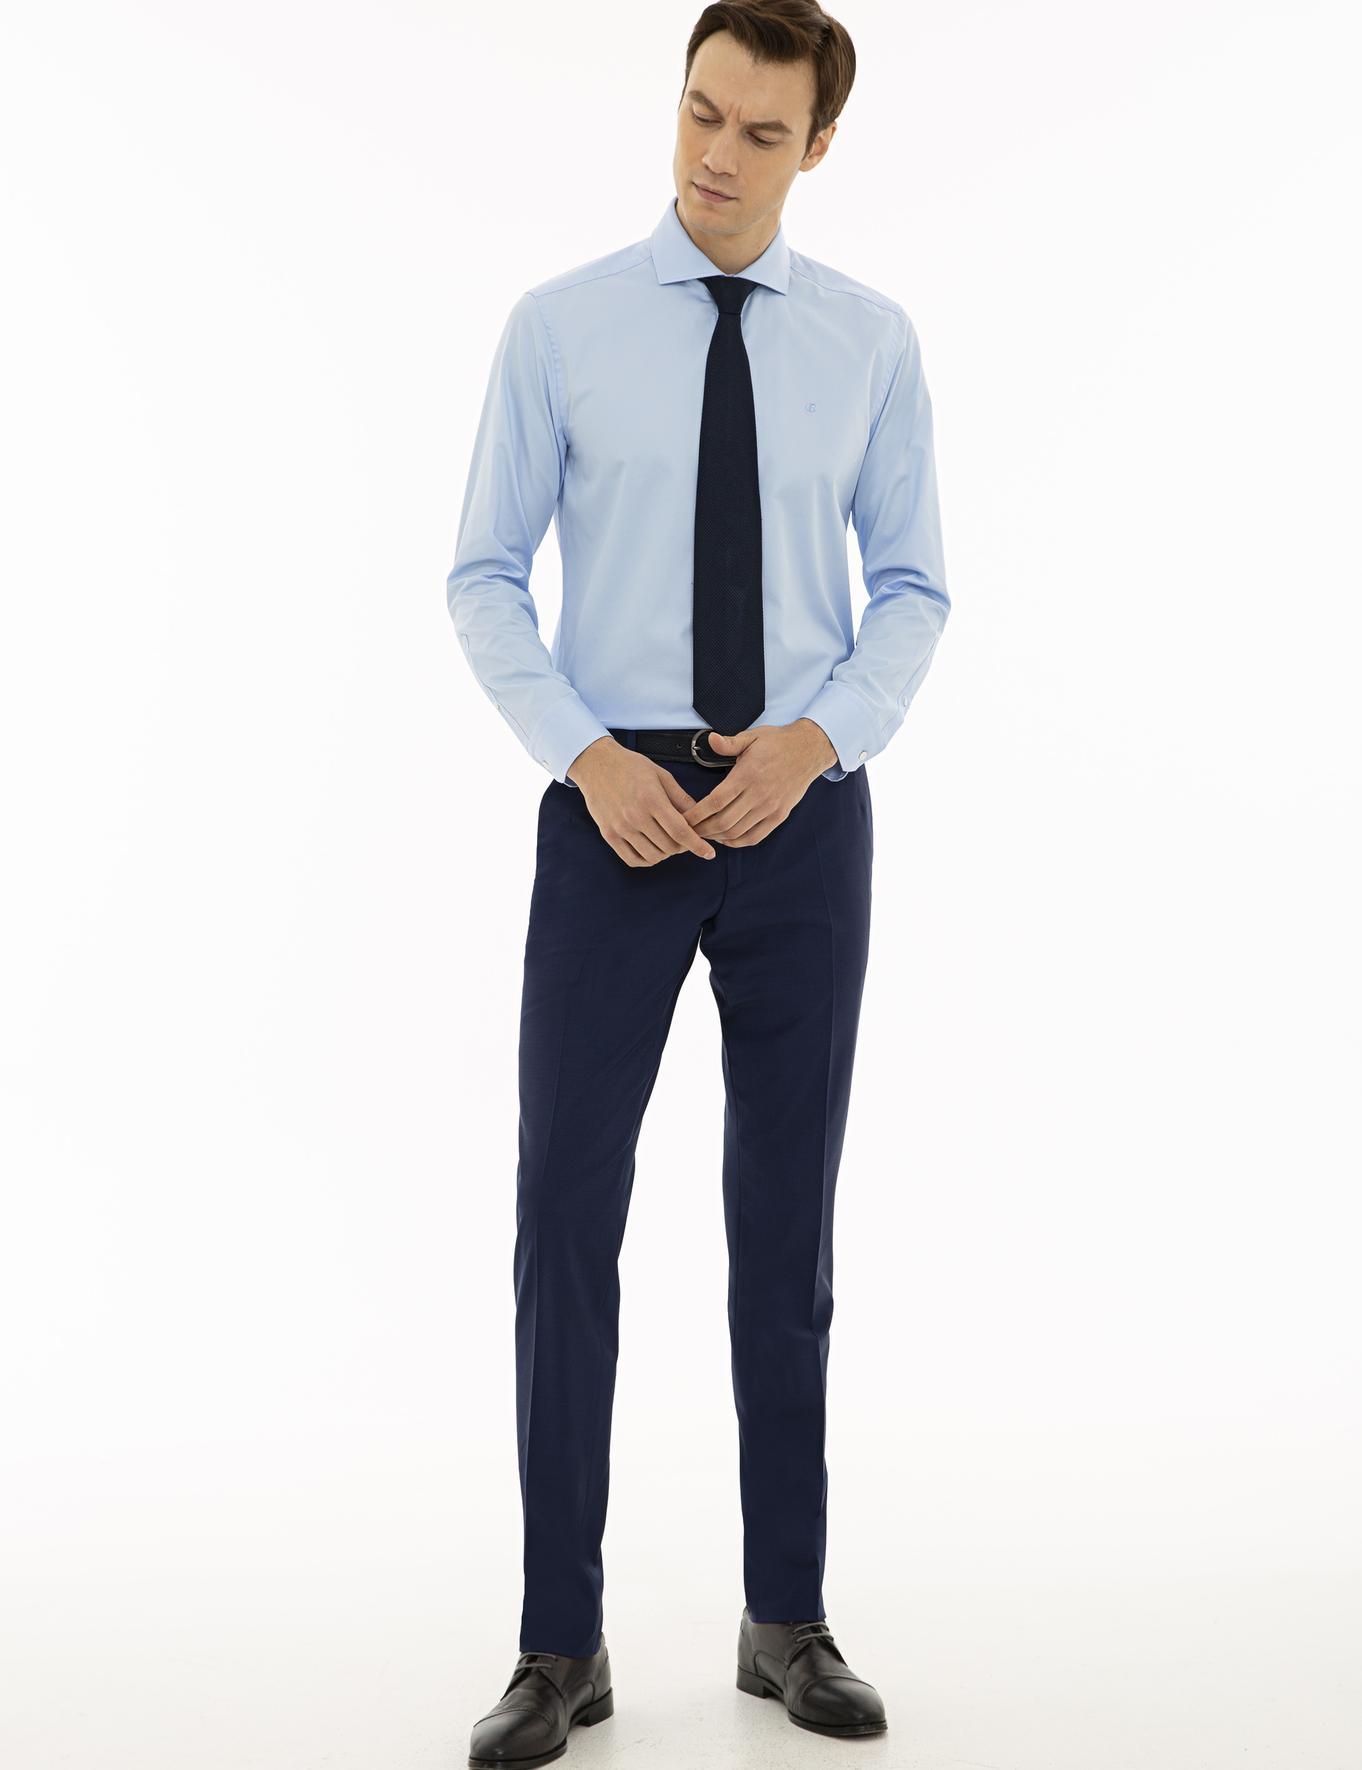 Mavi Slim Fit Basic Gömlek - 50223231099